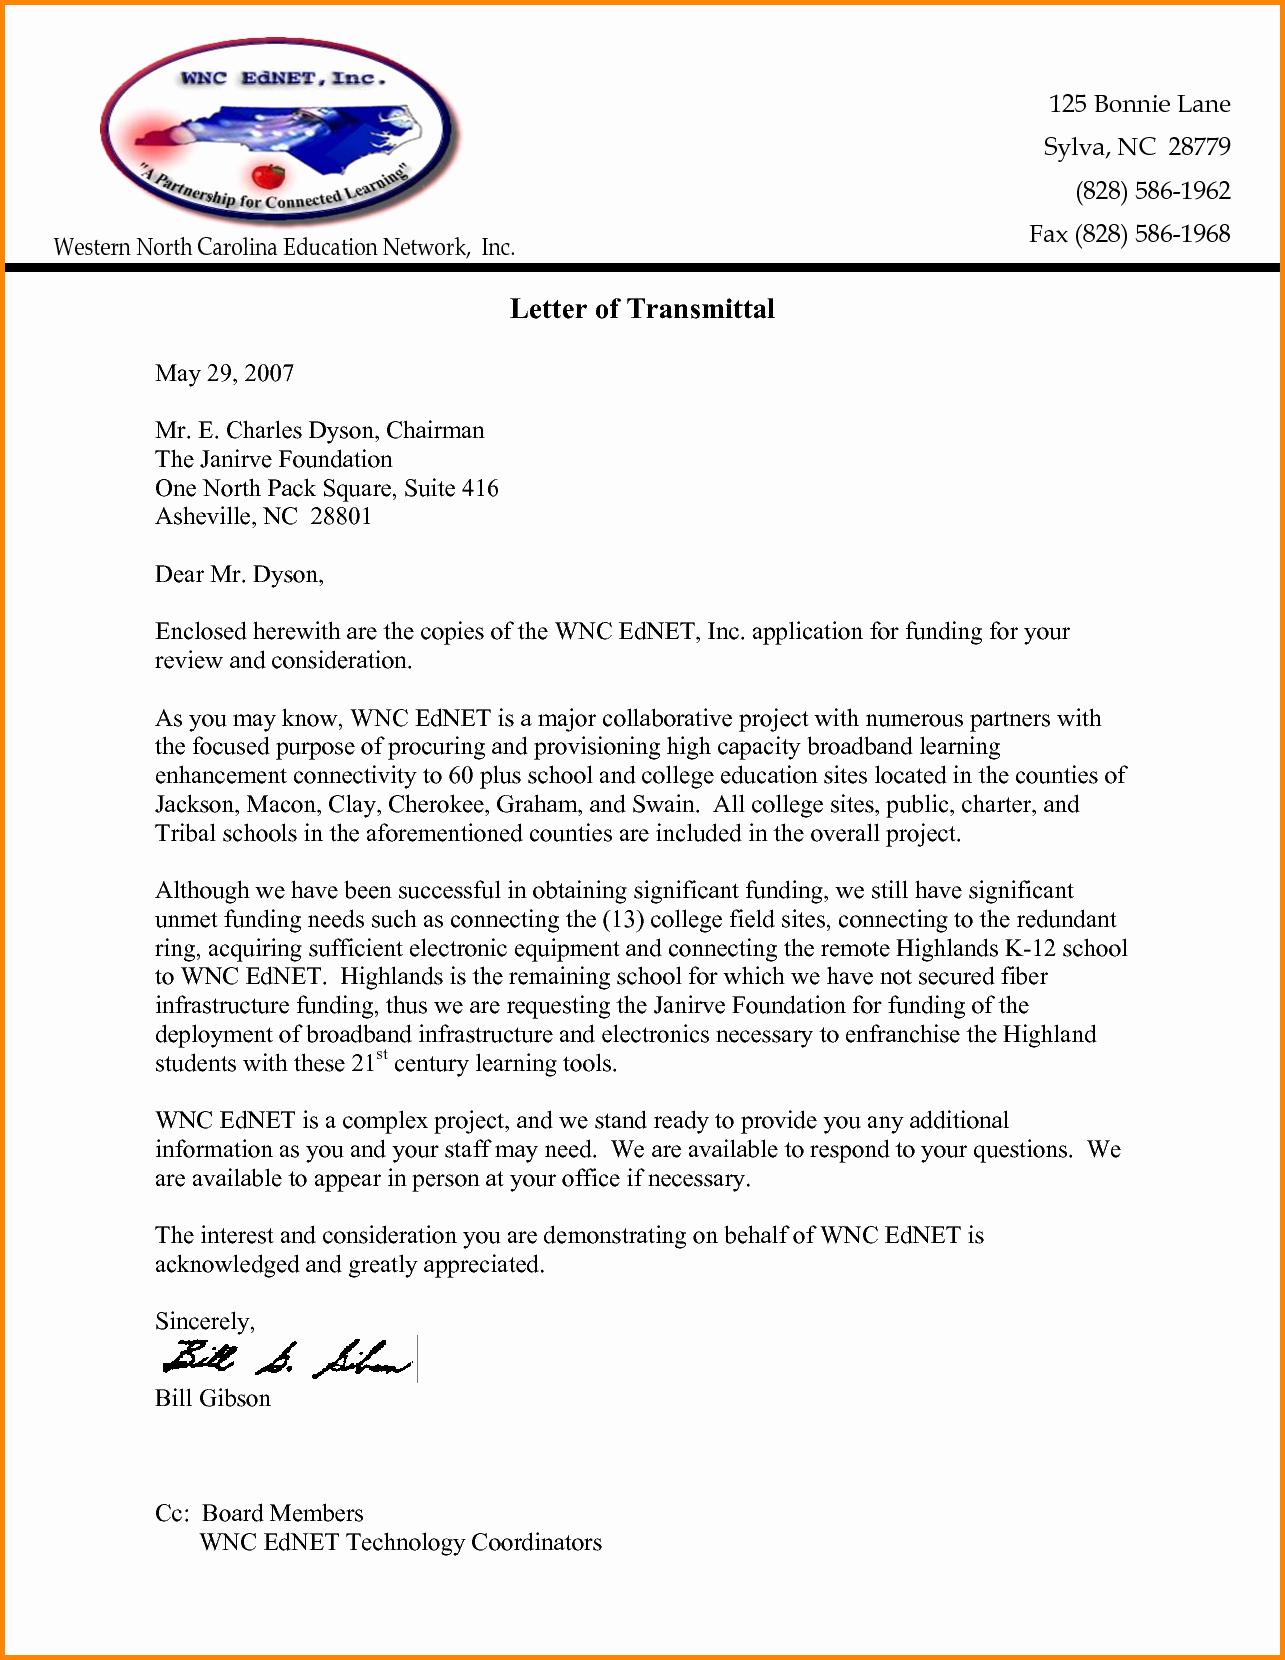 Sample Of Letter Of Transmittal Fresh Letter Transmittal for Proposal Portablegasgrillweber